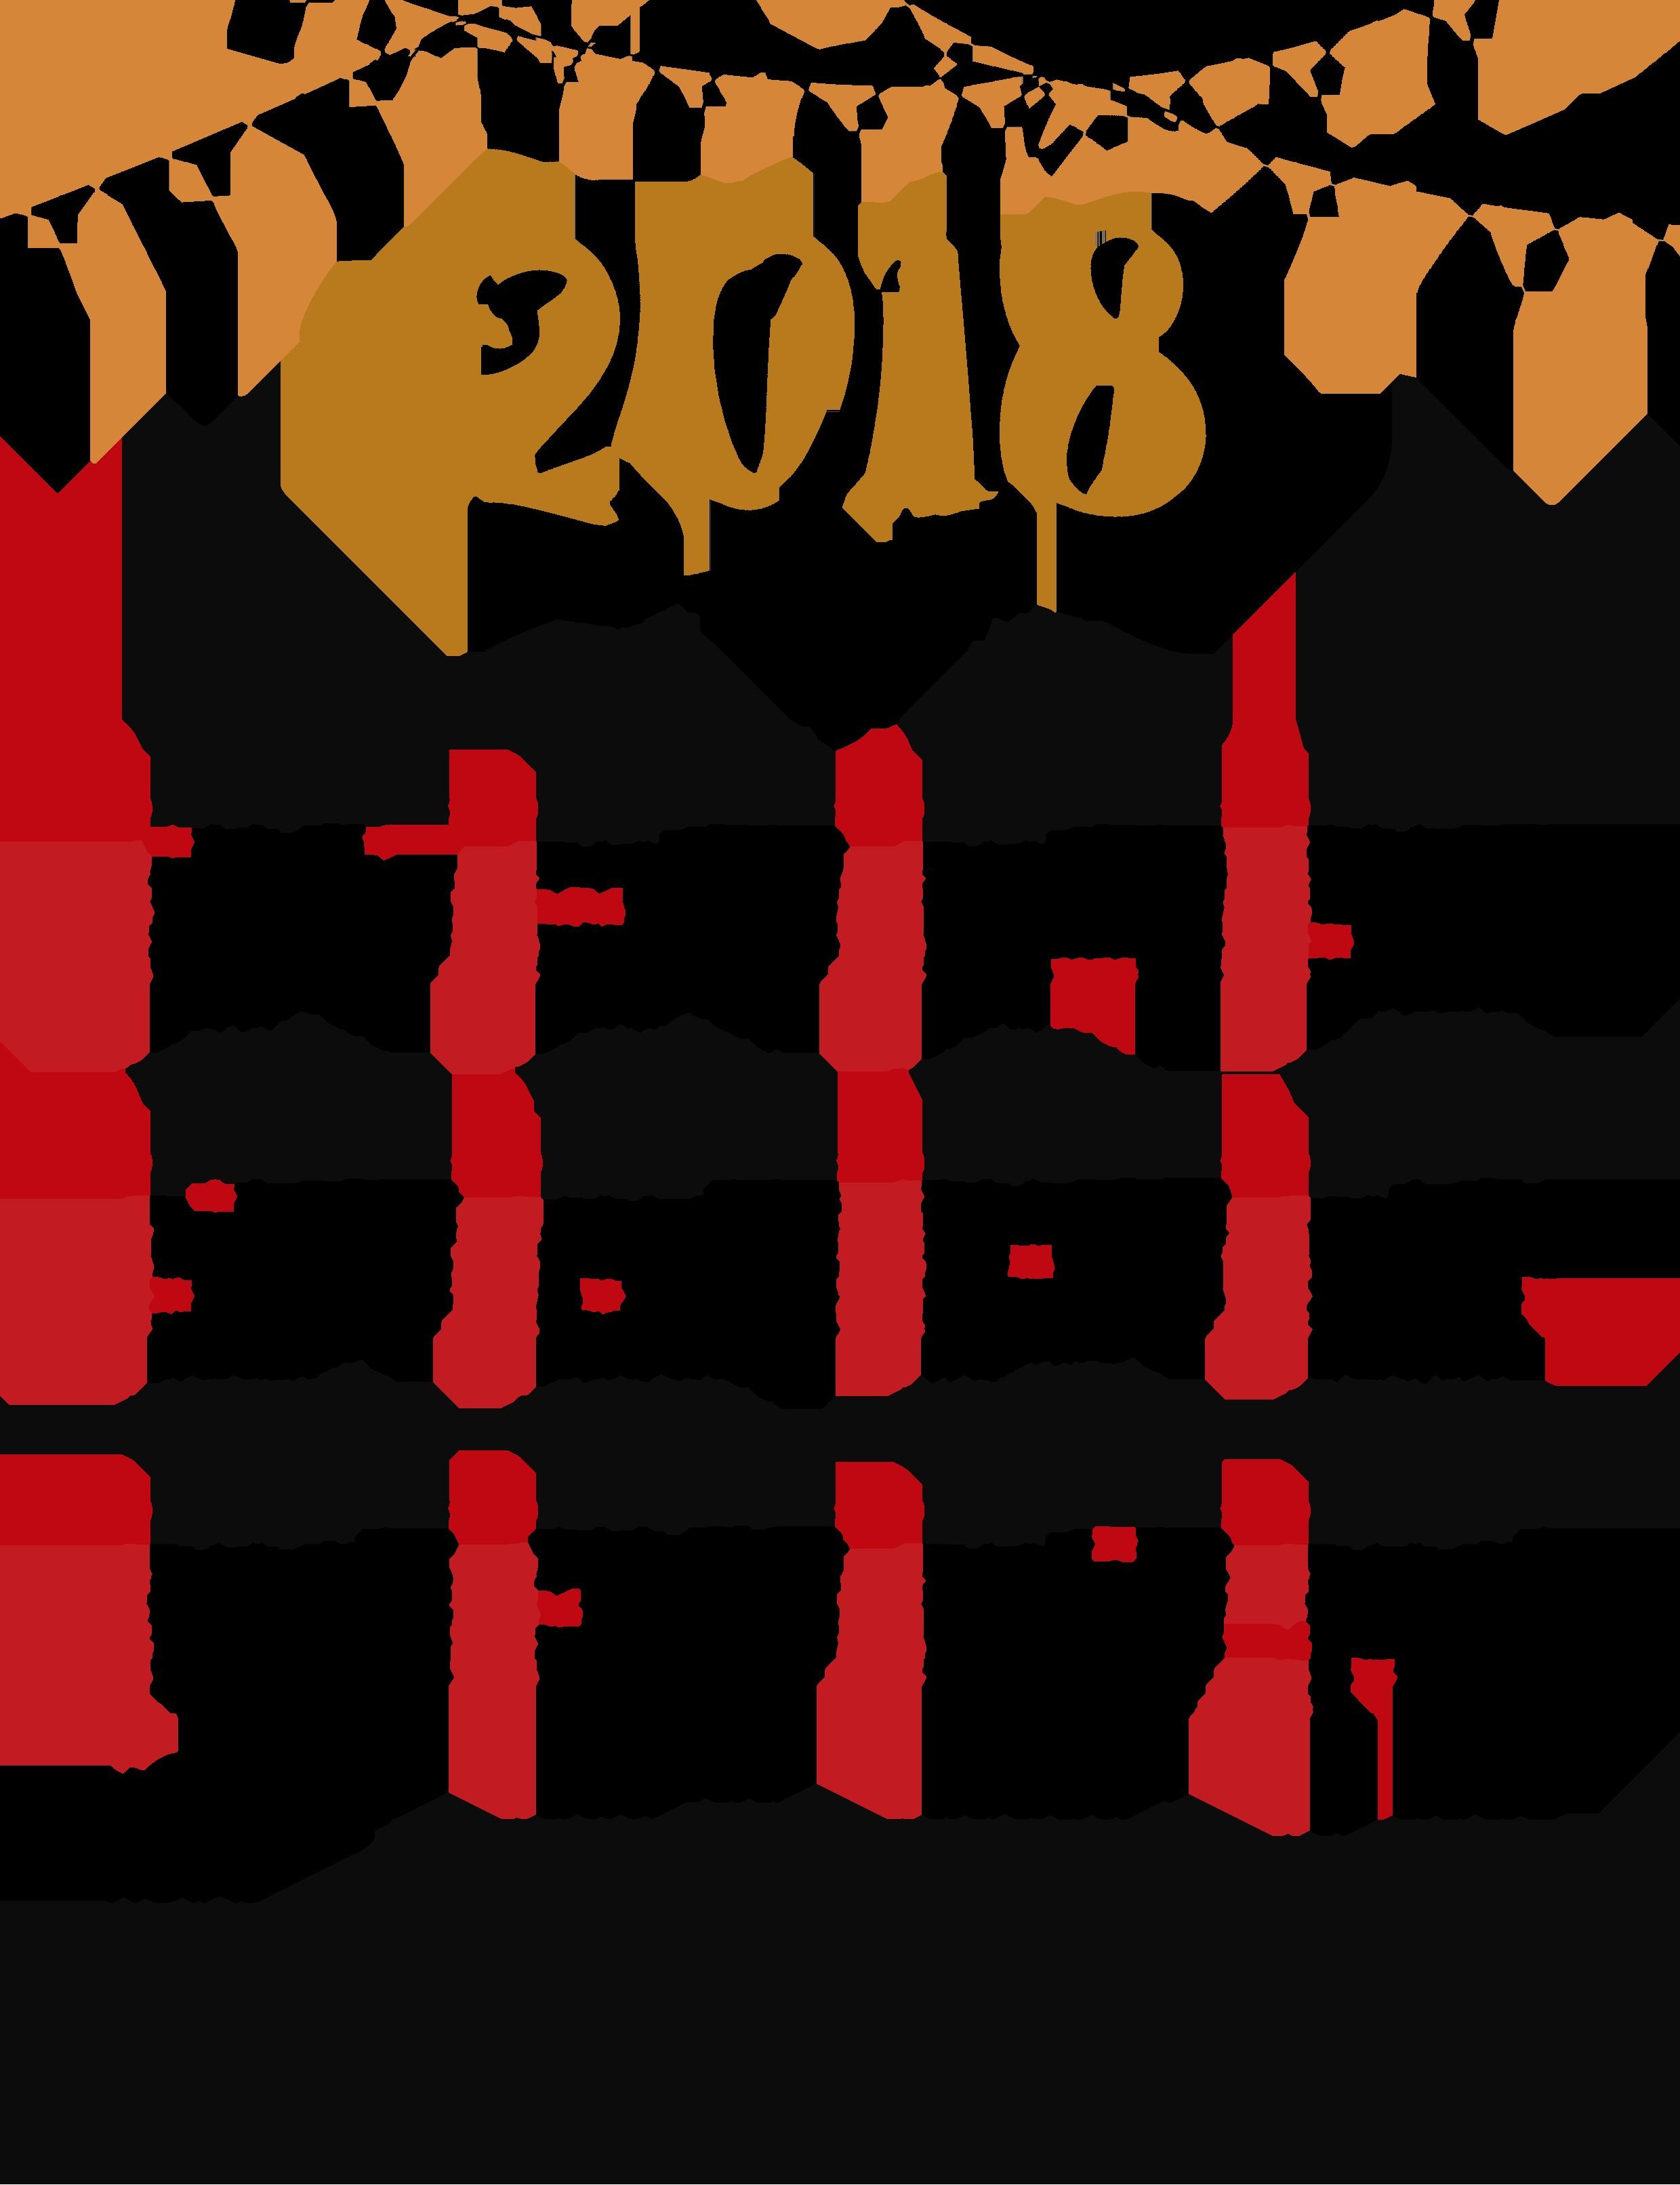 Calendario 2019 Feriados Rondonia Más Caliente Lief Te Regala Este Calendario 2018 Para Imprimir Y Decorar Tu Hogar Of Calendario 2019 Feriados Rondonia Más Actual Junho 2018